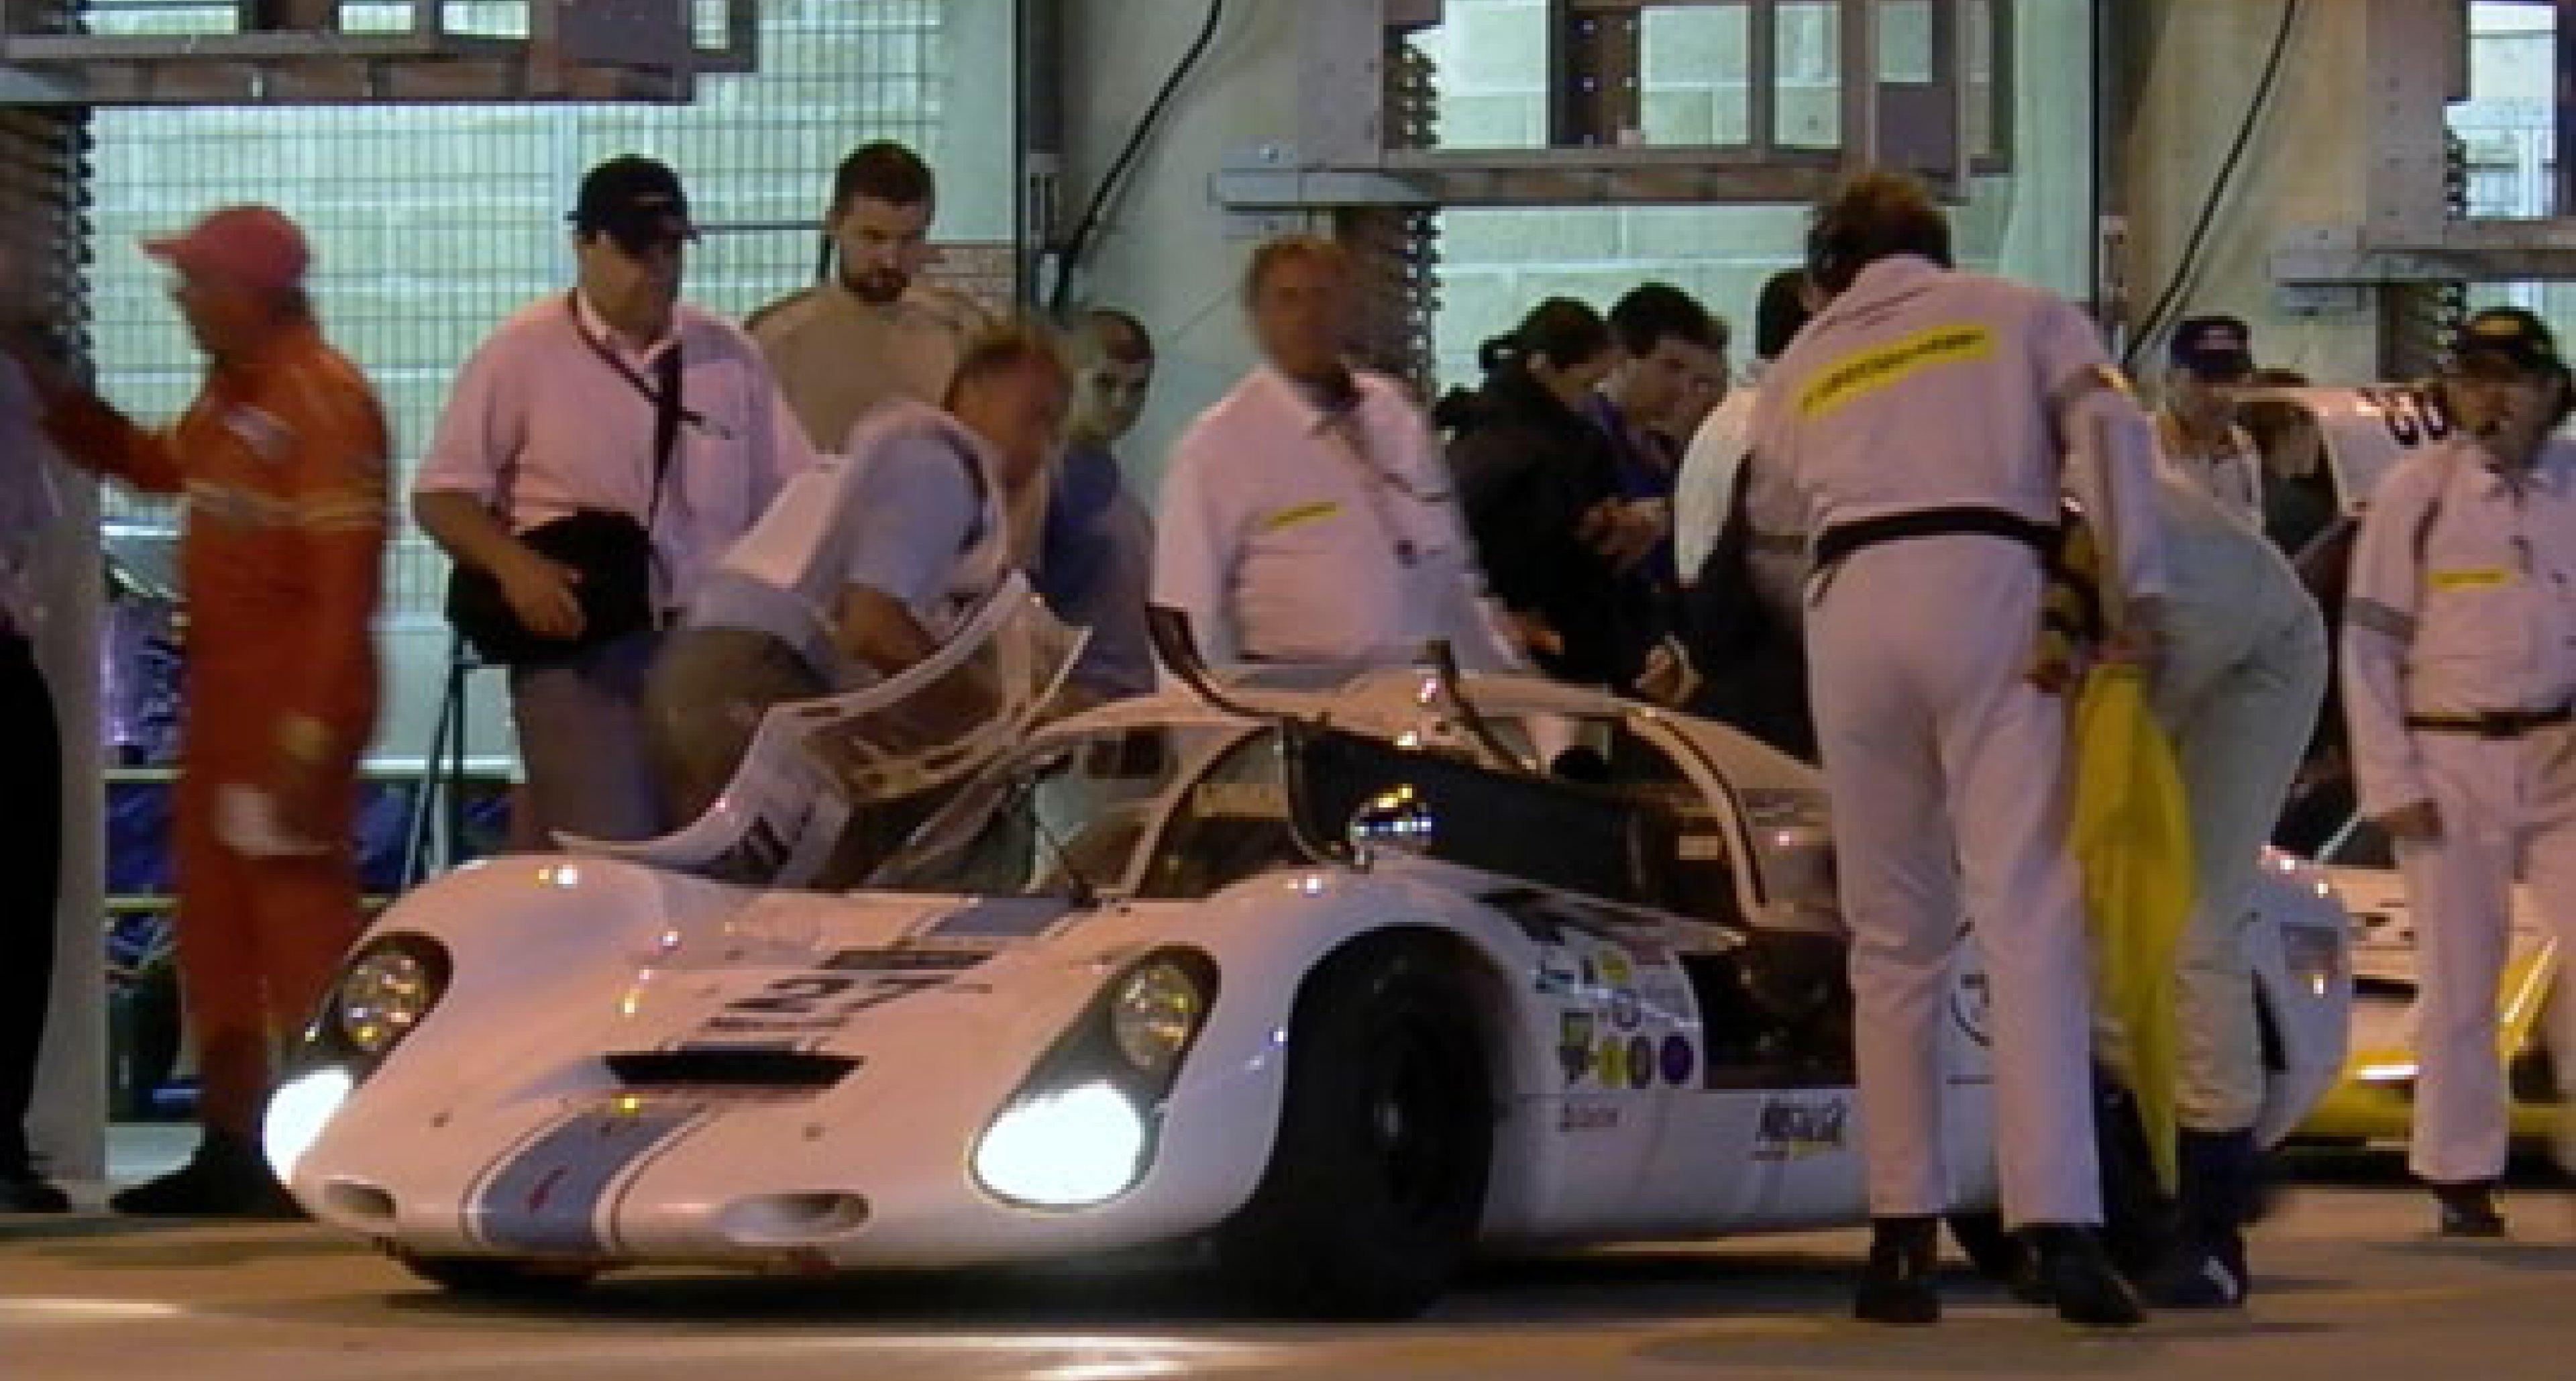 Le Mans Classic - Japan for 2005!